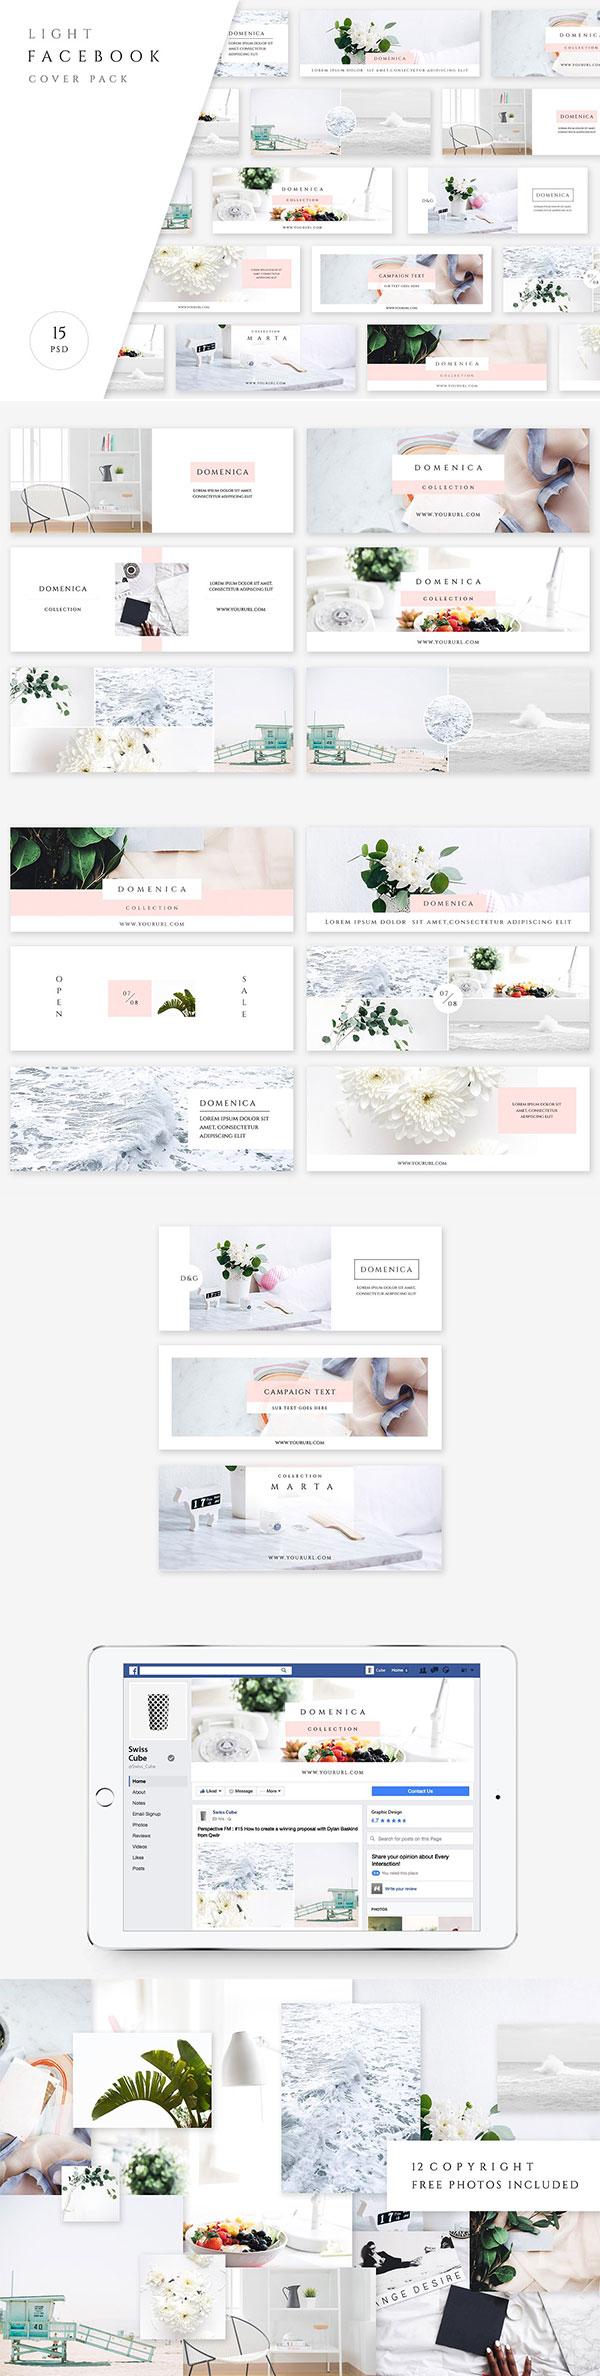 博客空间装饰设计